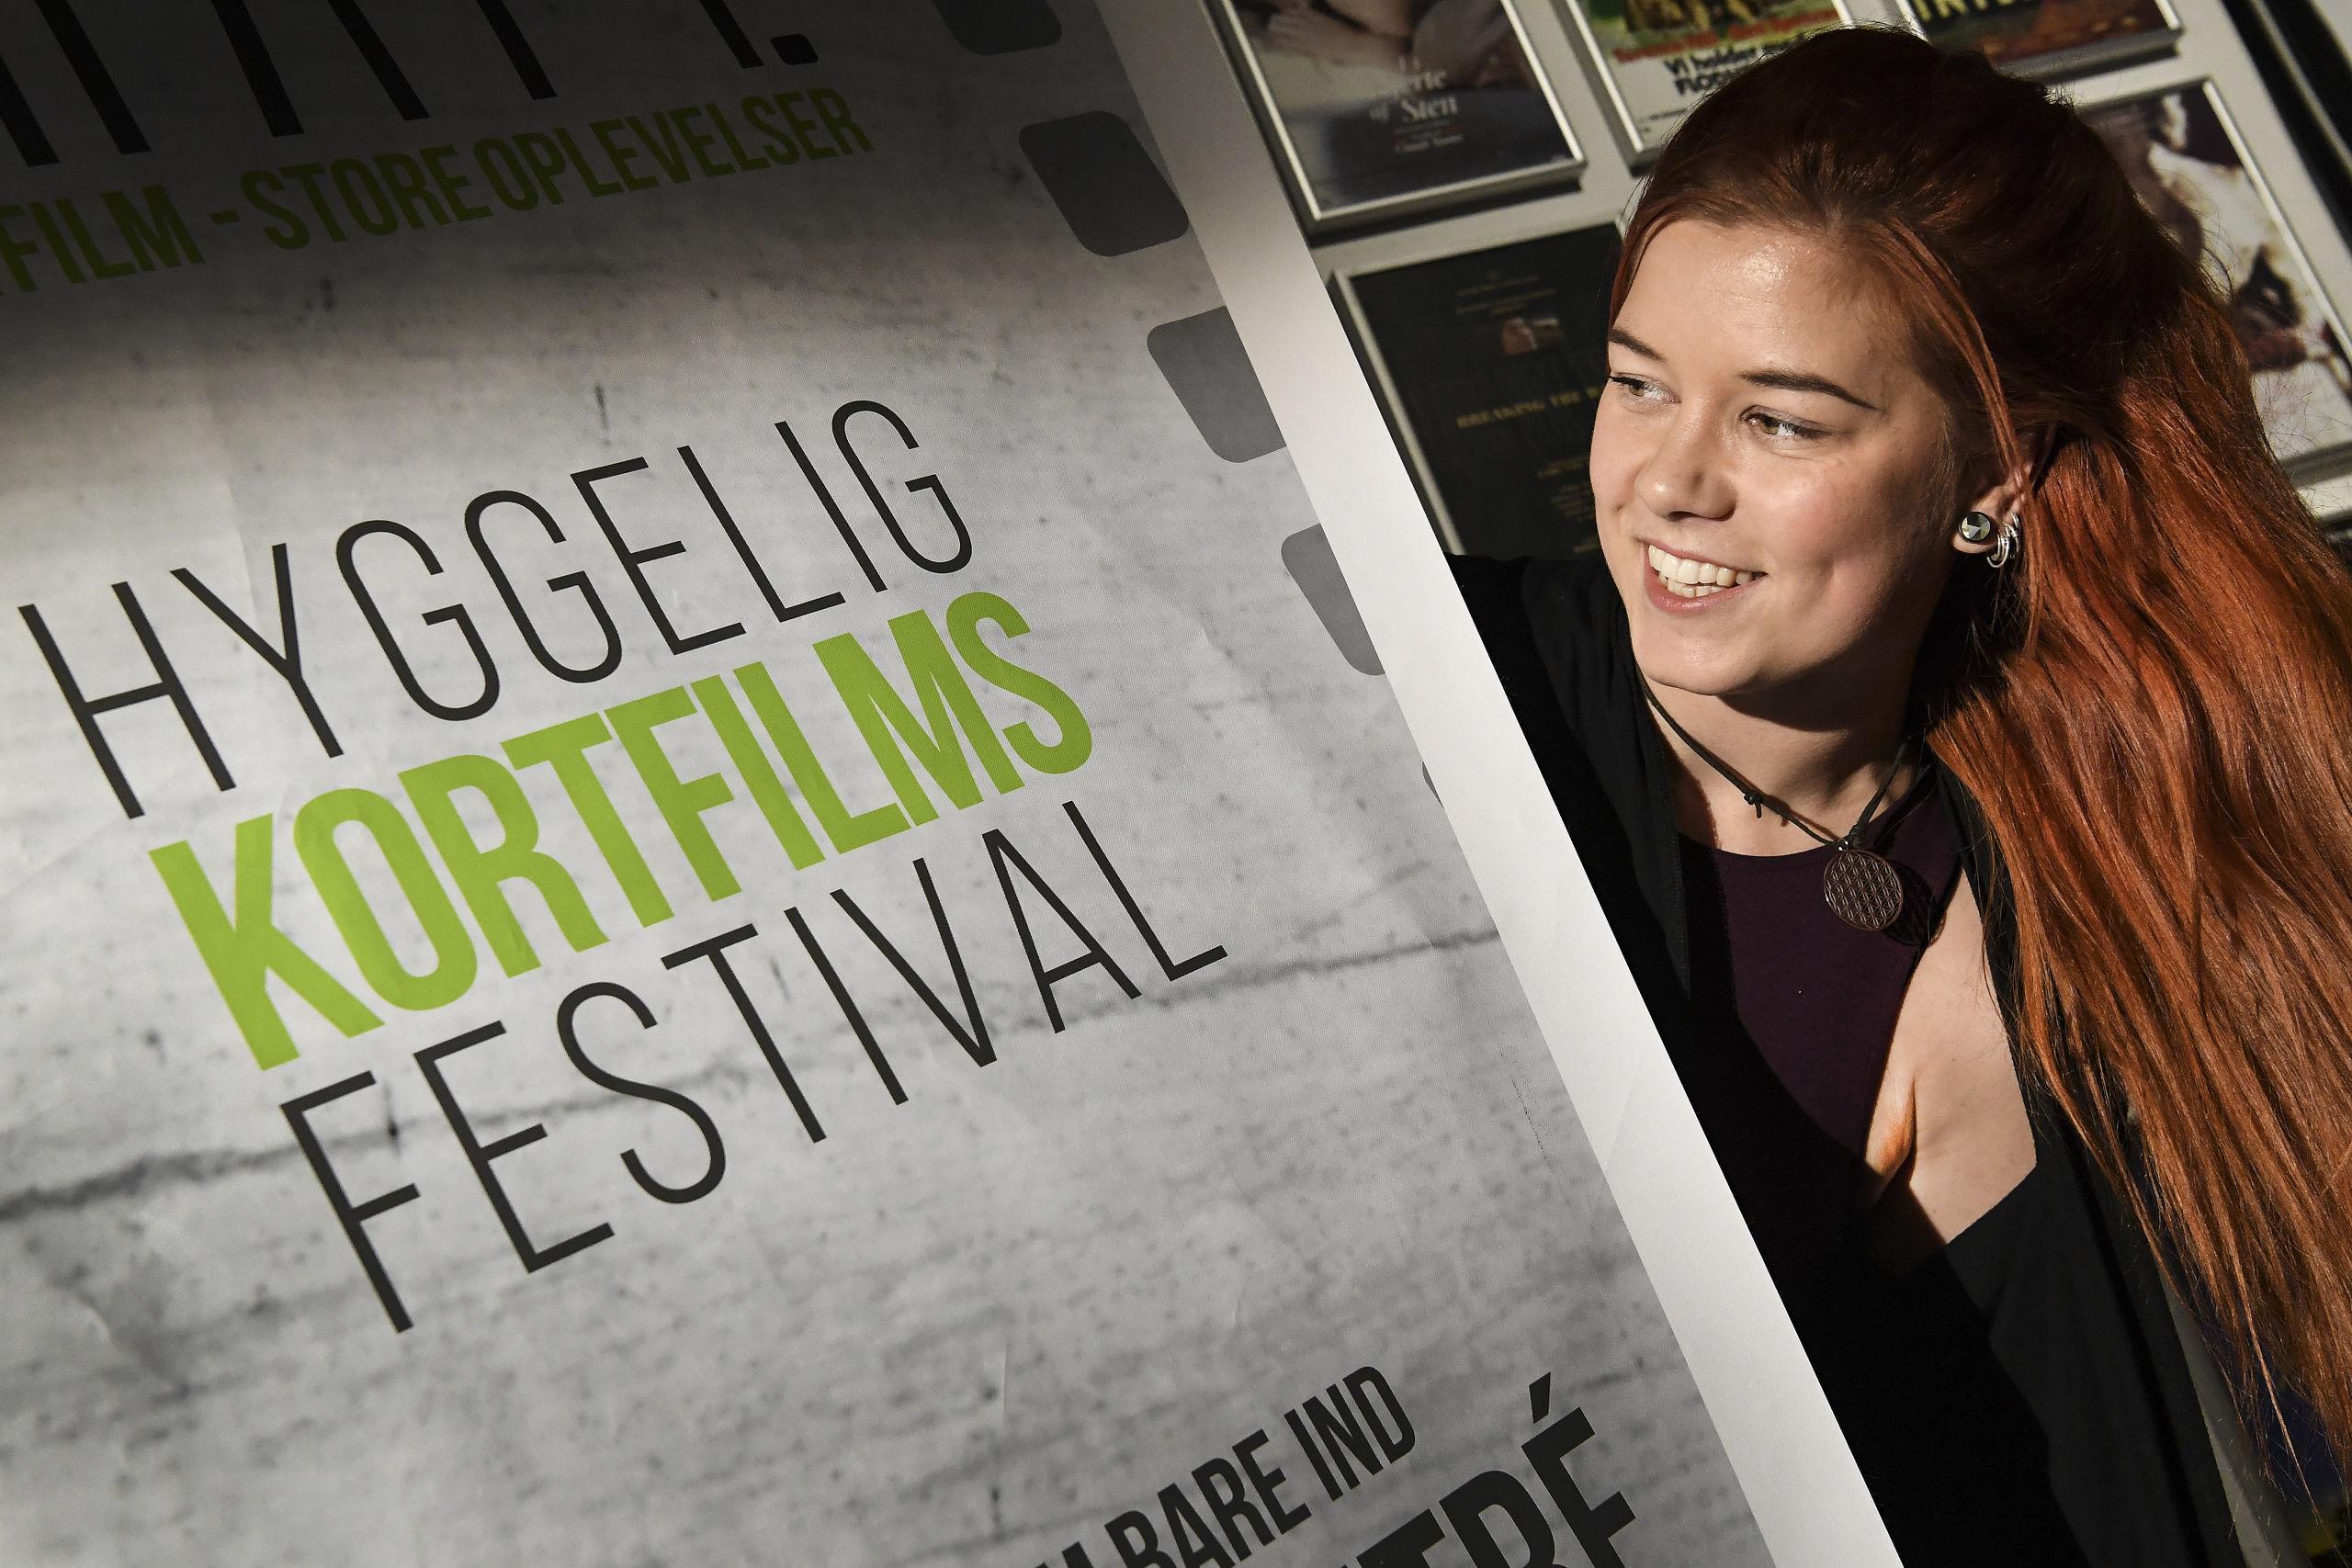 Filmfestival åbner for tilmelding: Du kan se gratis film